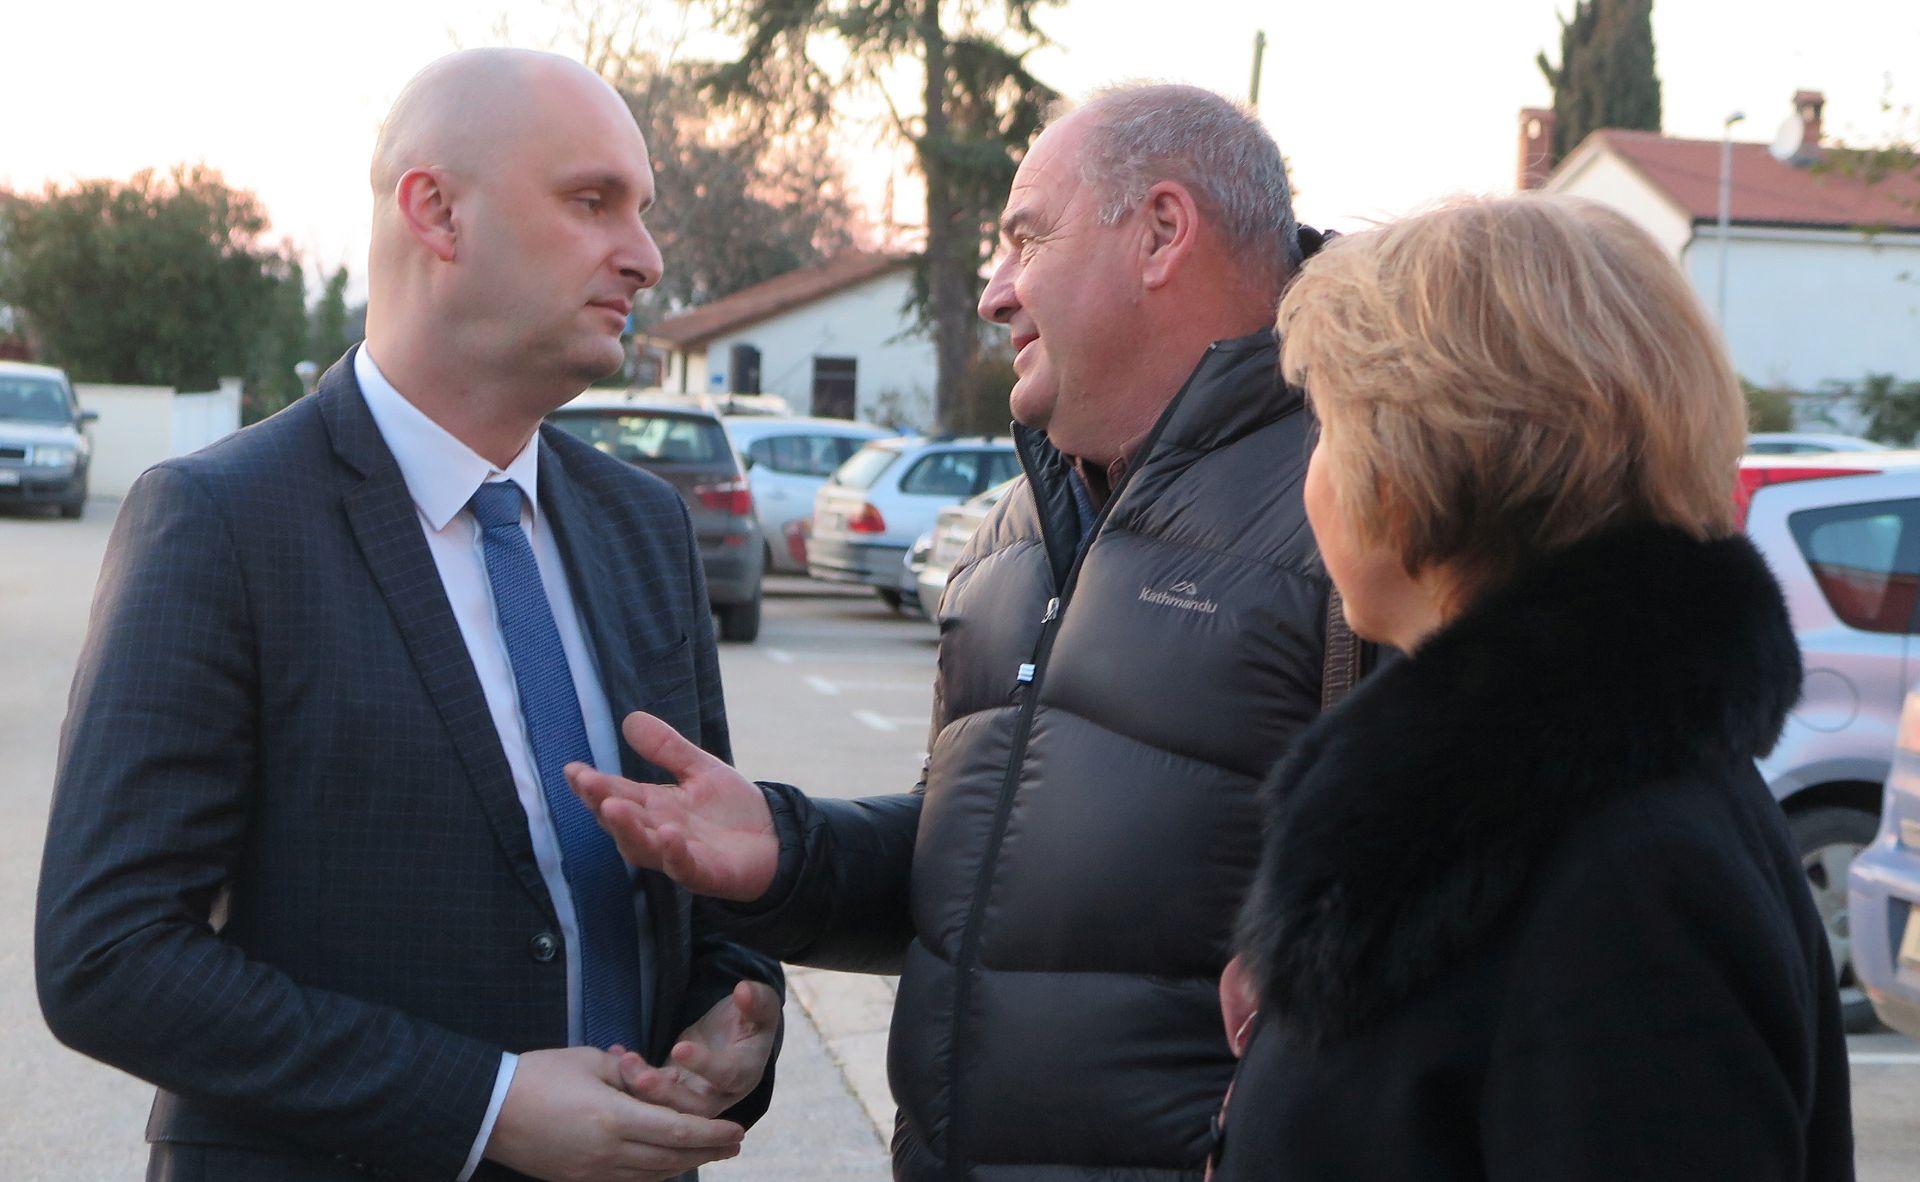 Tolušić posjetio savudrijske ribare